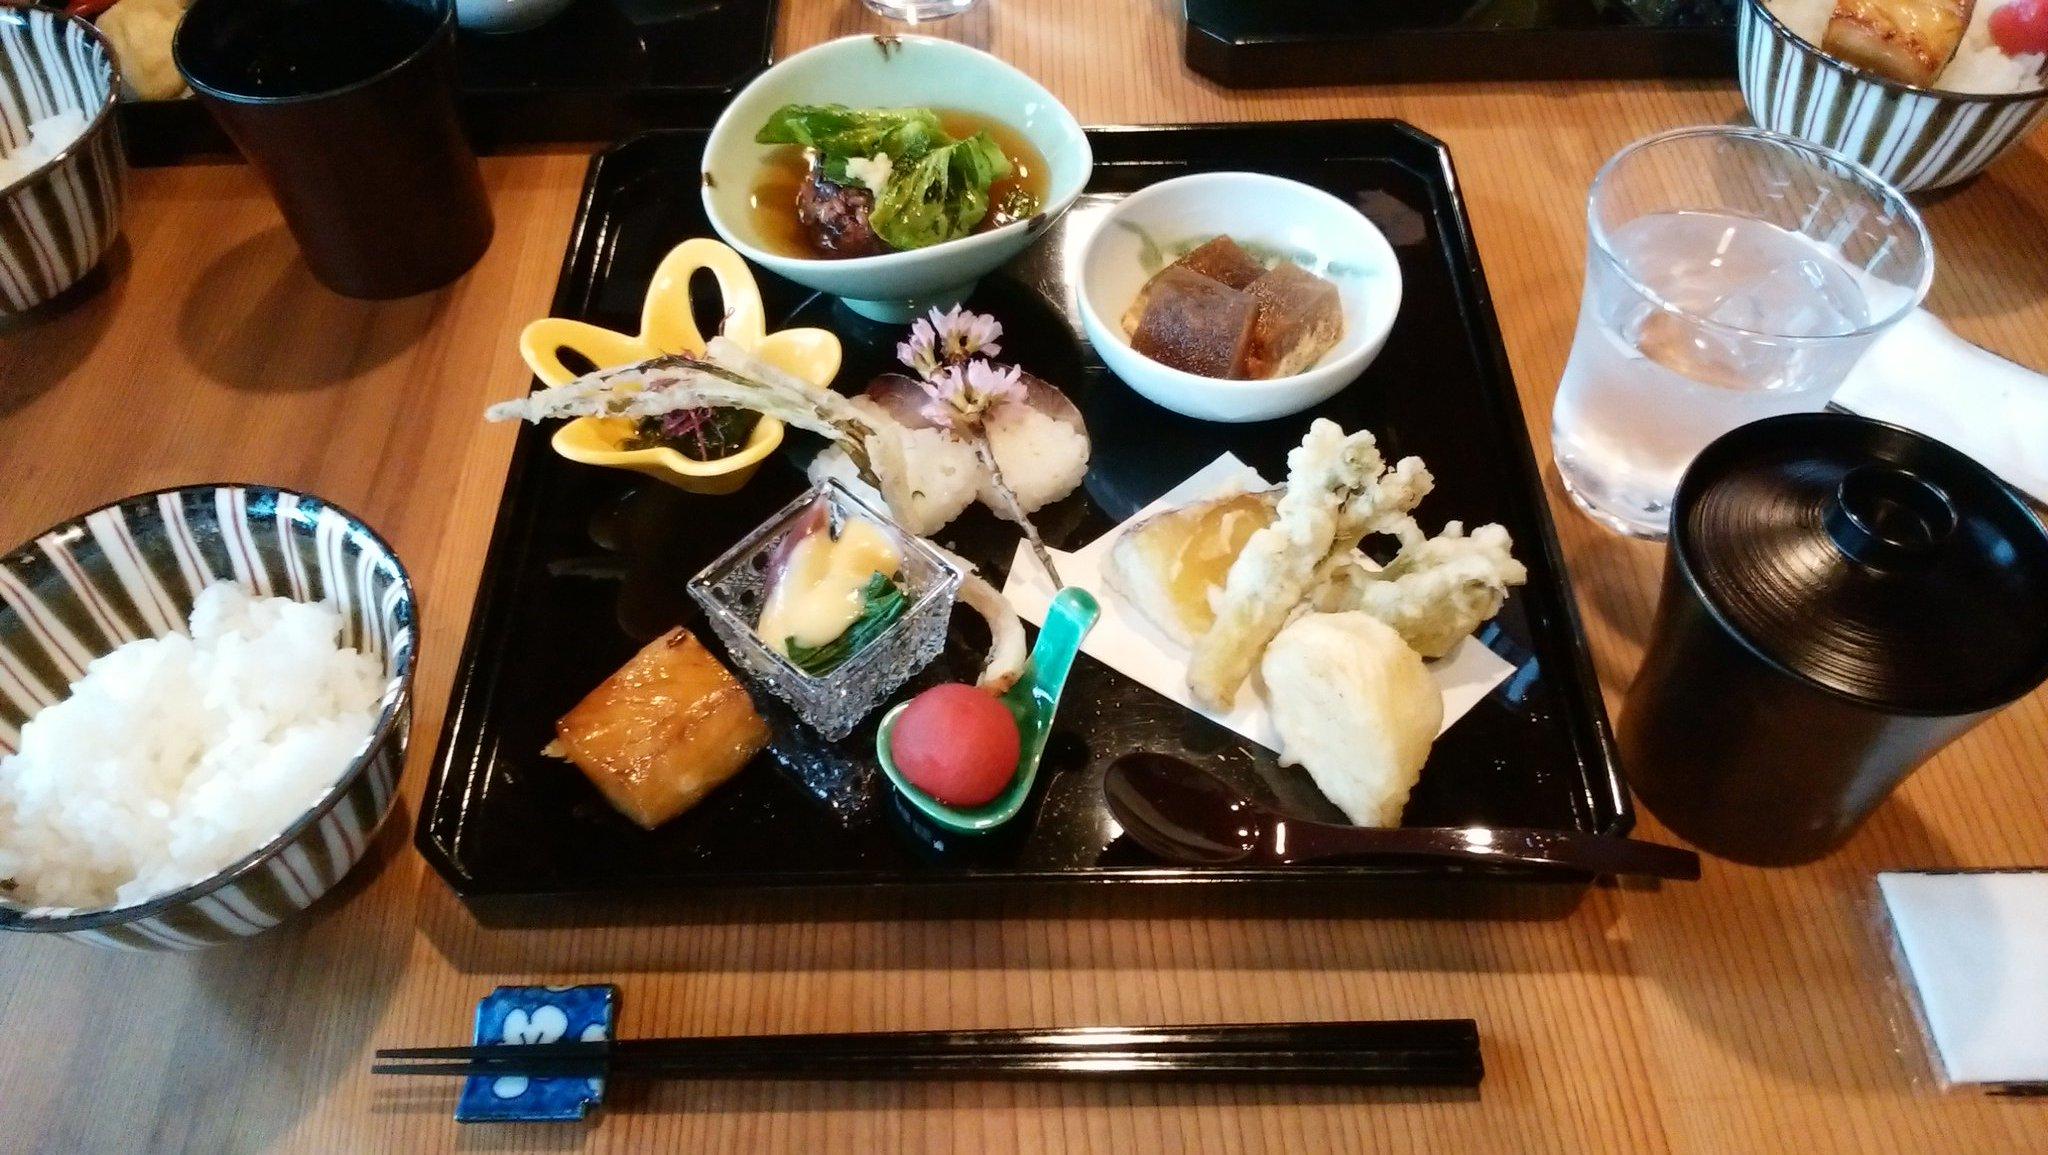 11月のプレスツアーでもお世話になった #金山町 の #和香 でお昼をいただきます。 https://t.co/EEJSaMtMNm